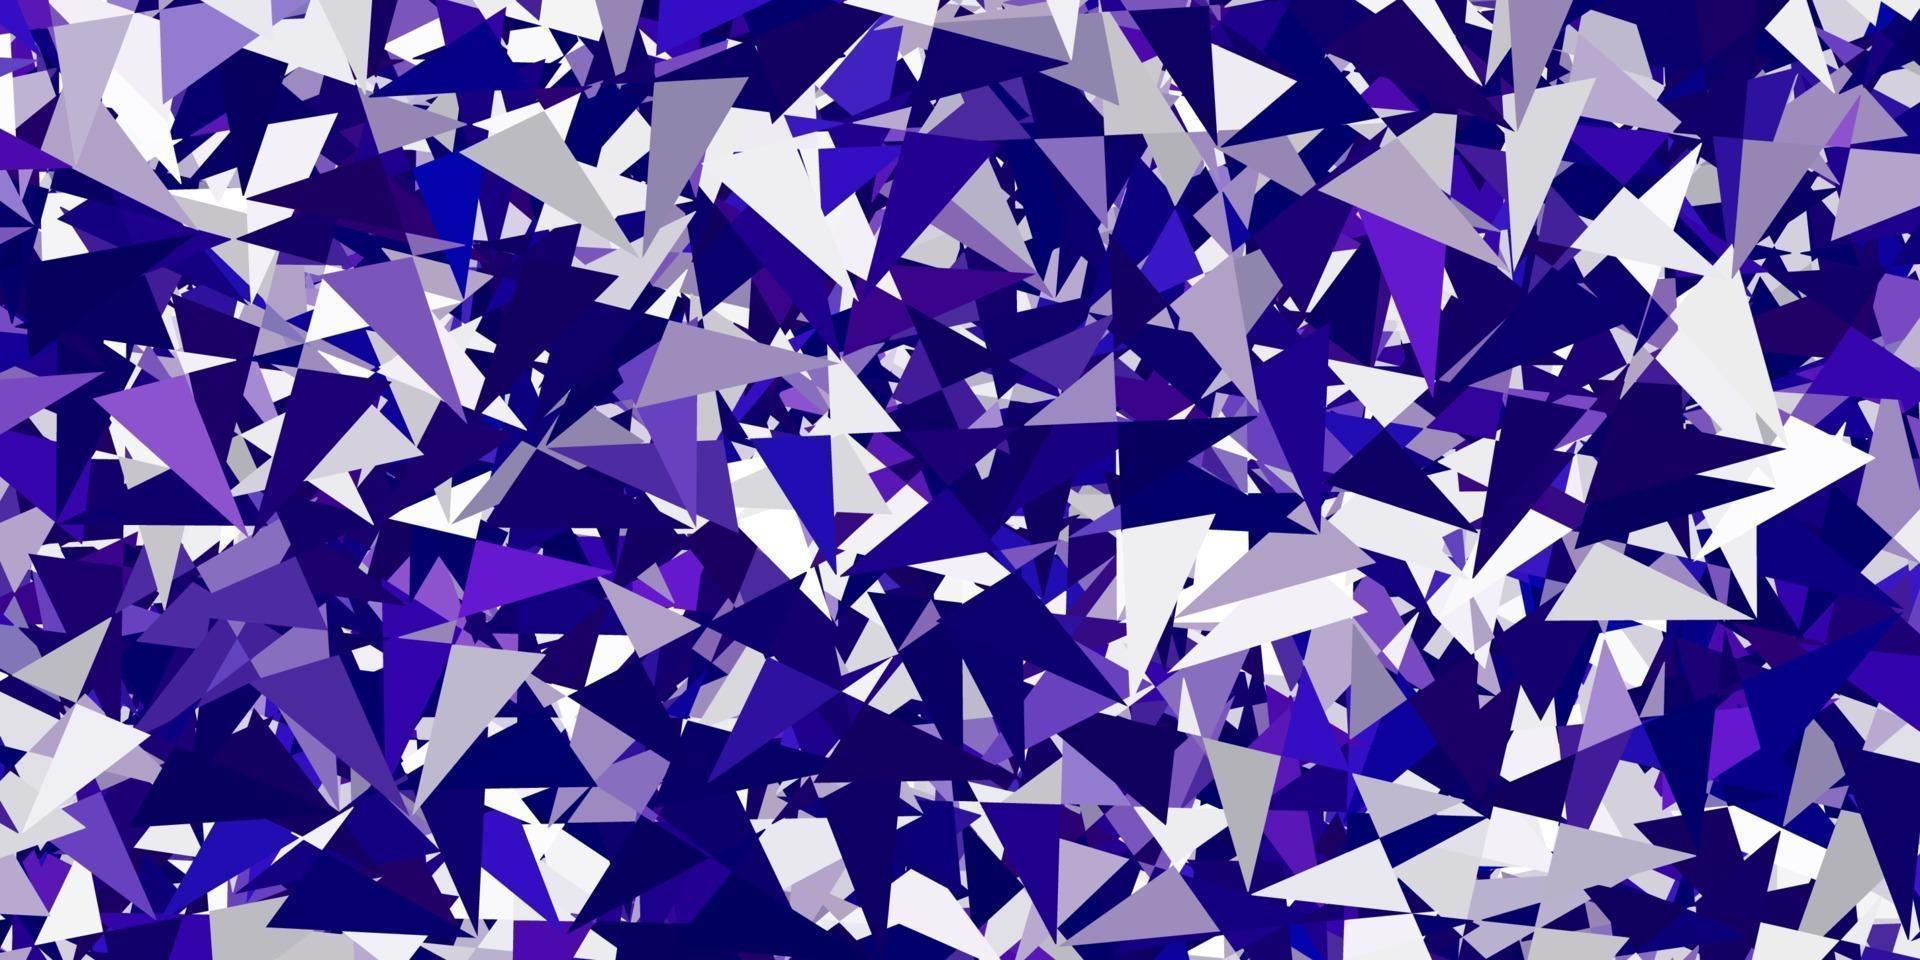 texture vecteur violet clair avec des triangles aléatoires.